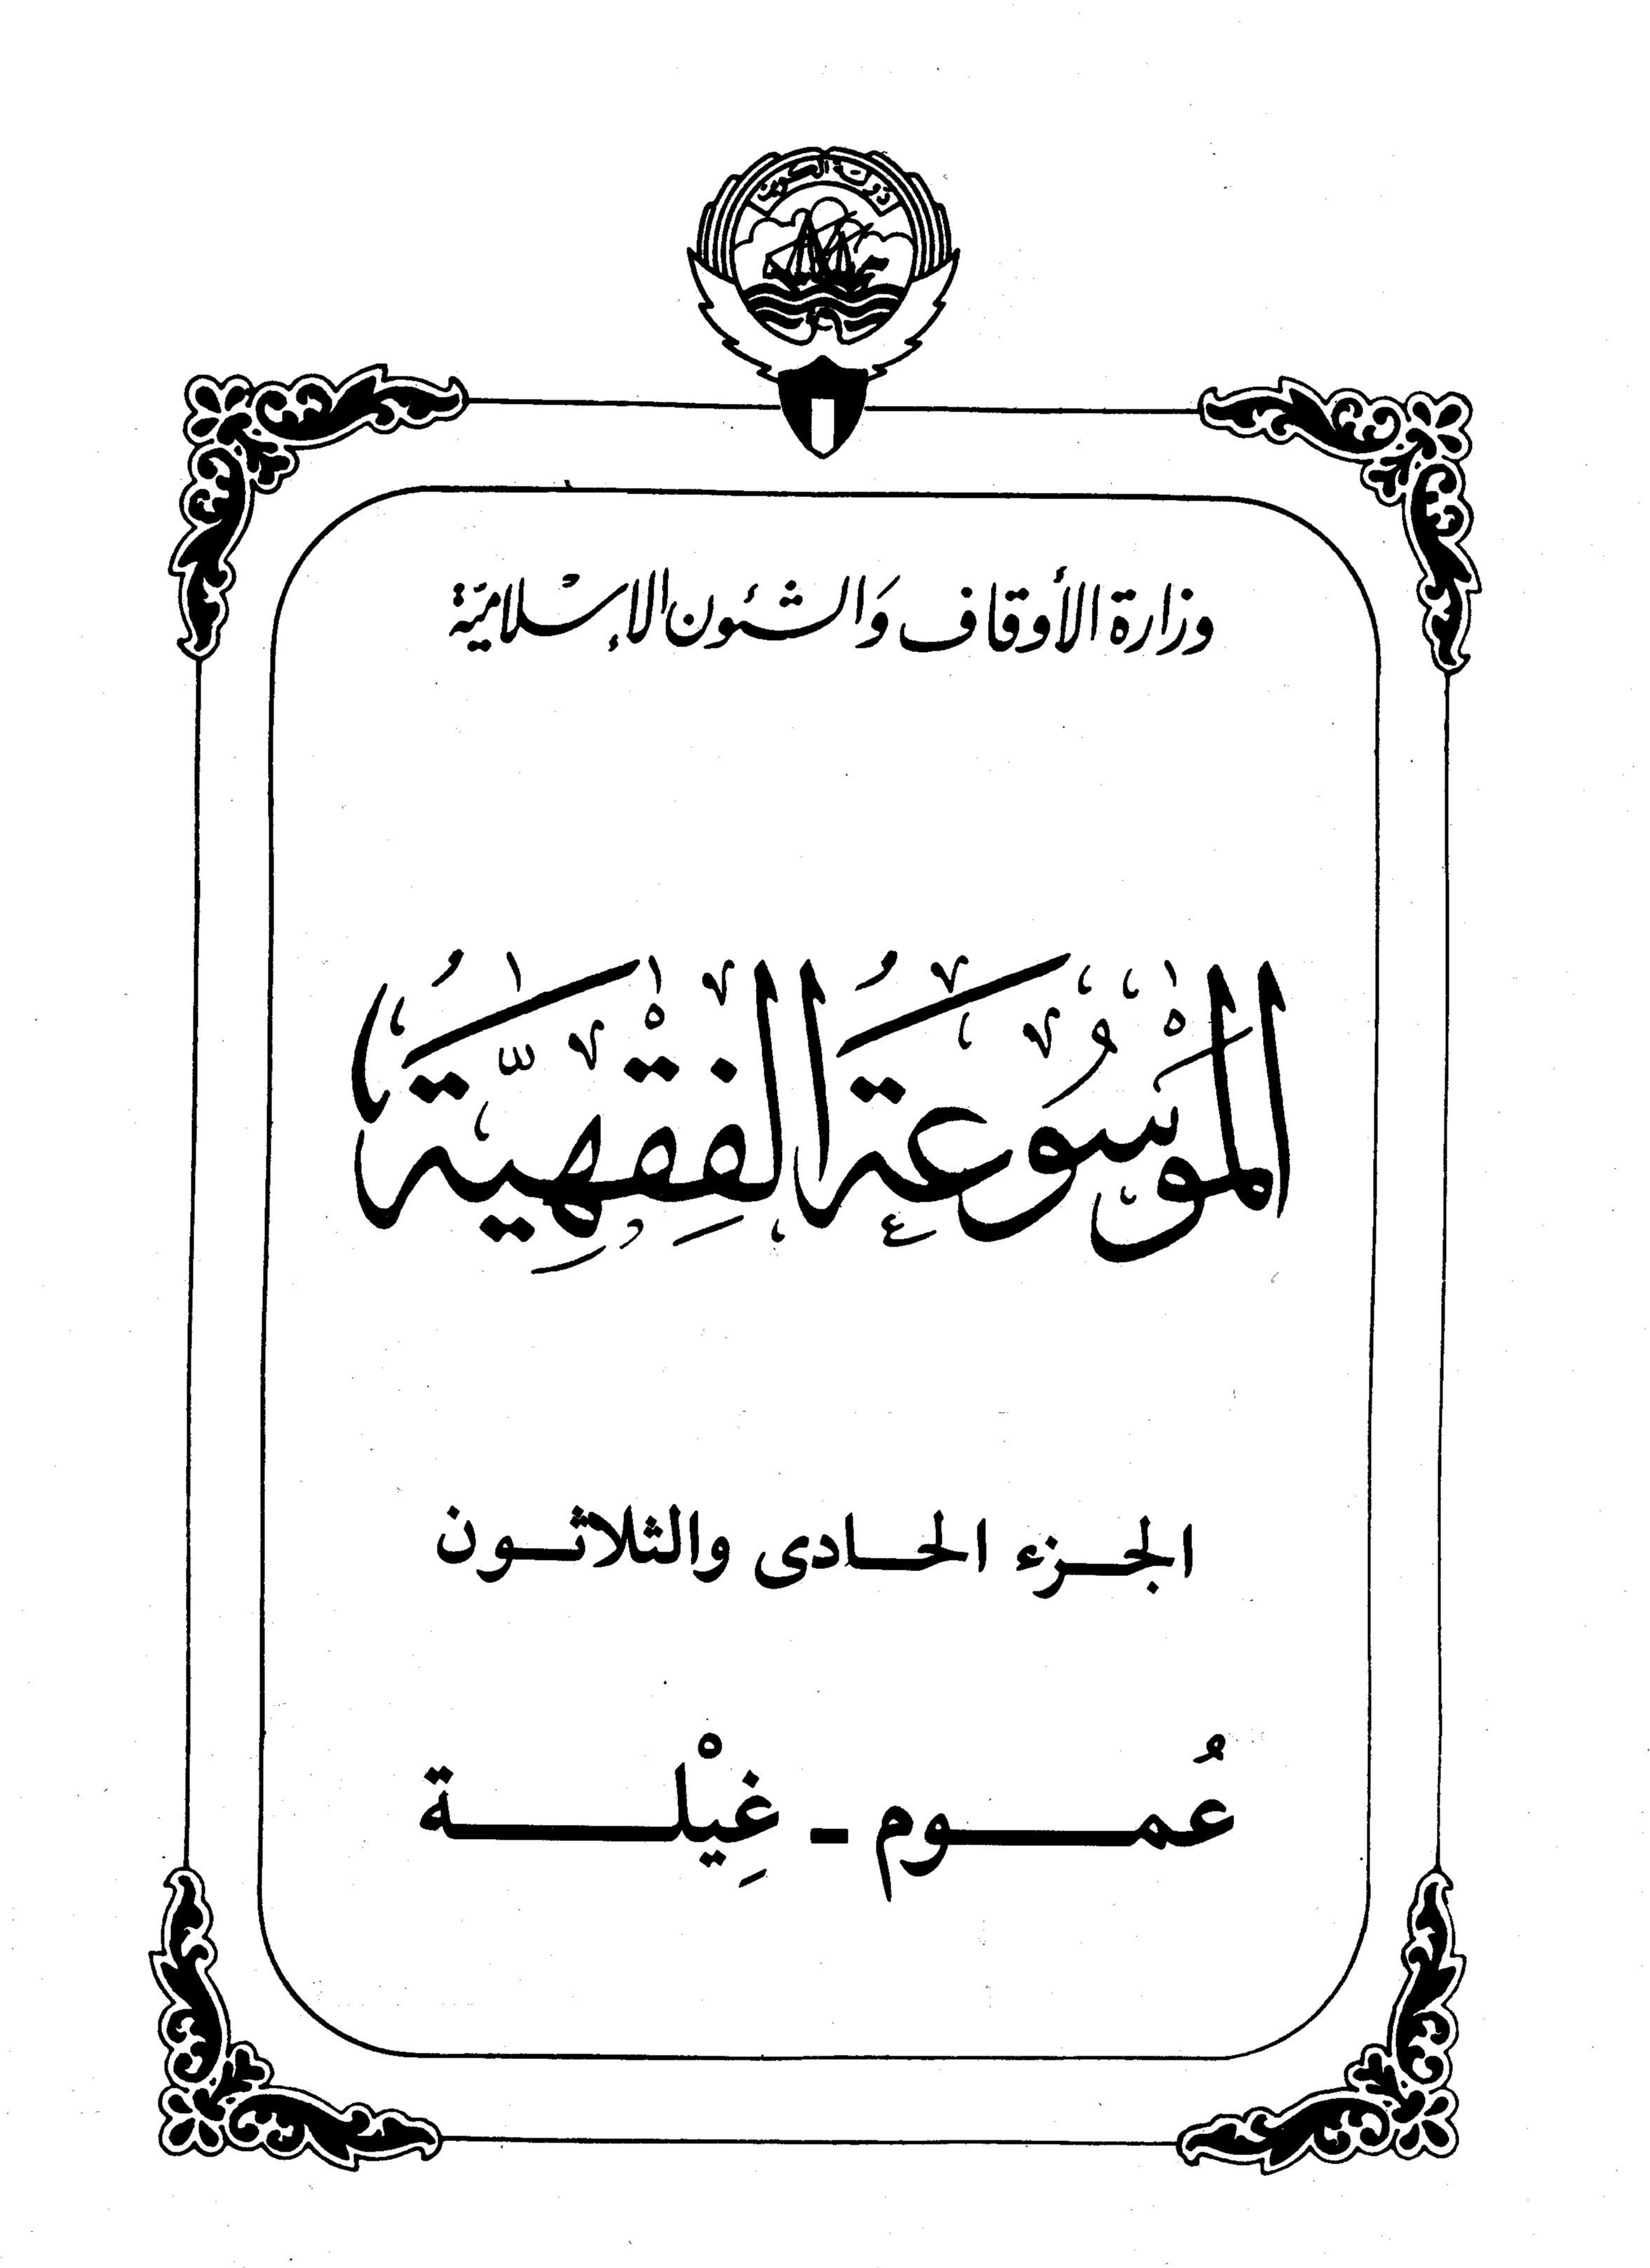 الموسوعة الفقهية الكويتية- الجزء الحادي والثلاثون (عموم – غيلة)